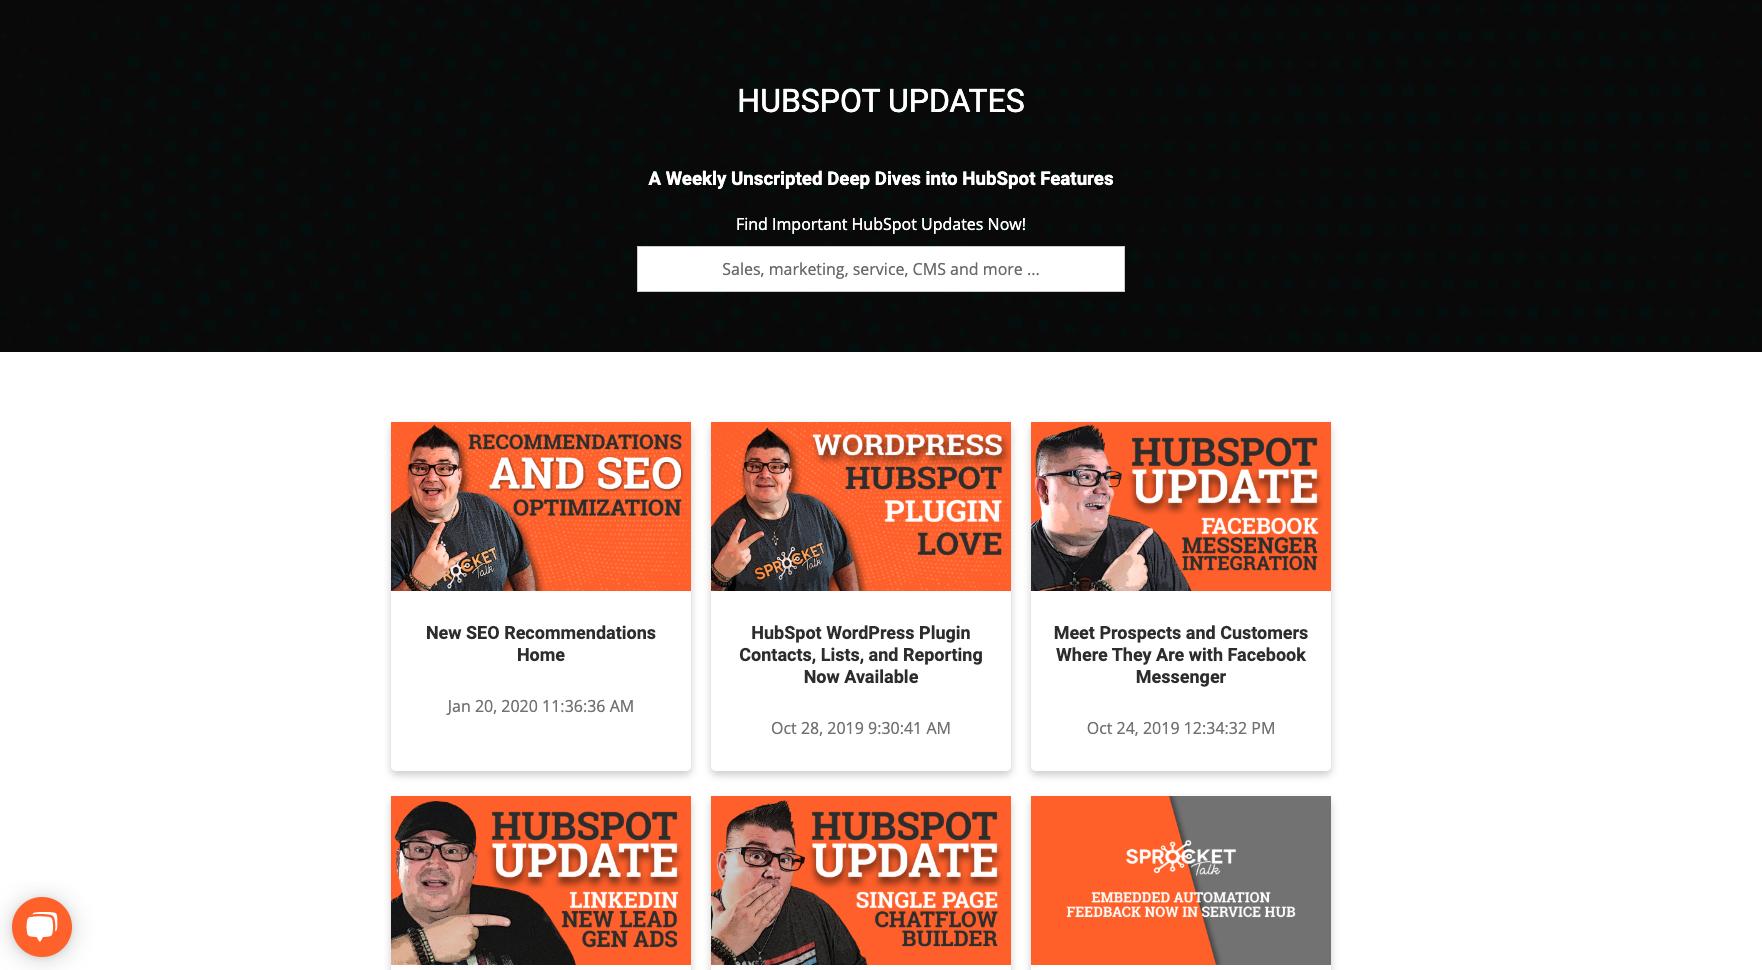 HubSpot Updates